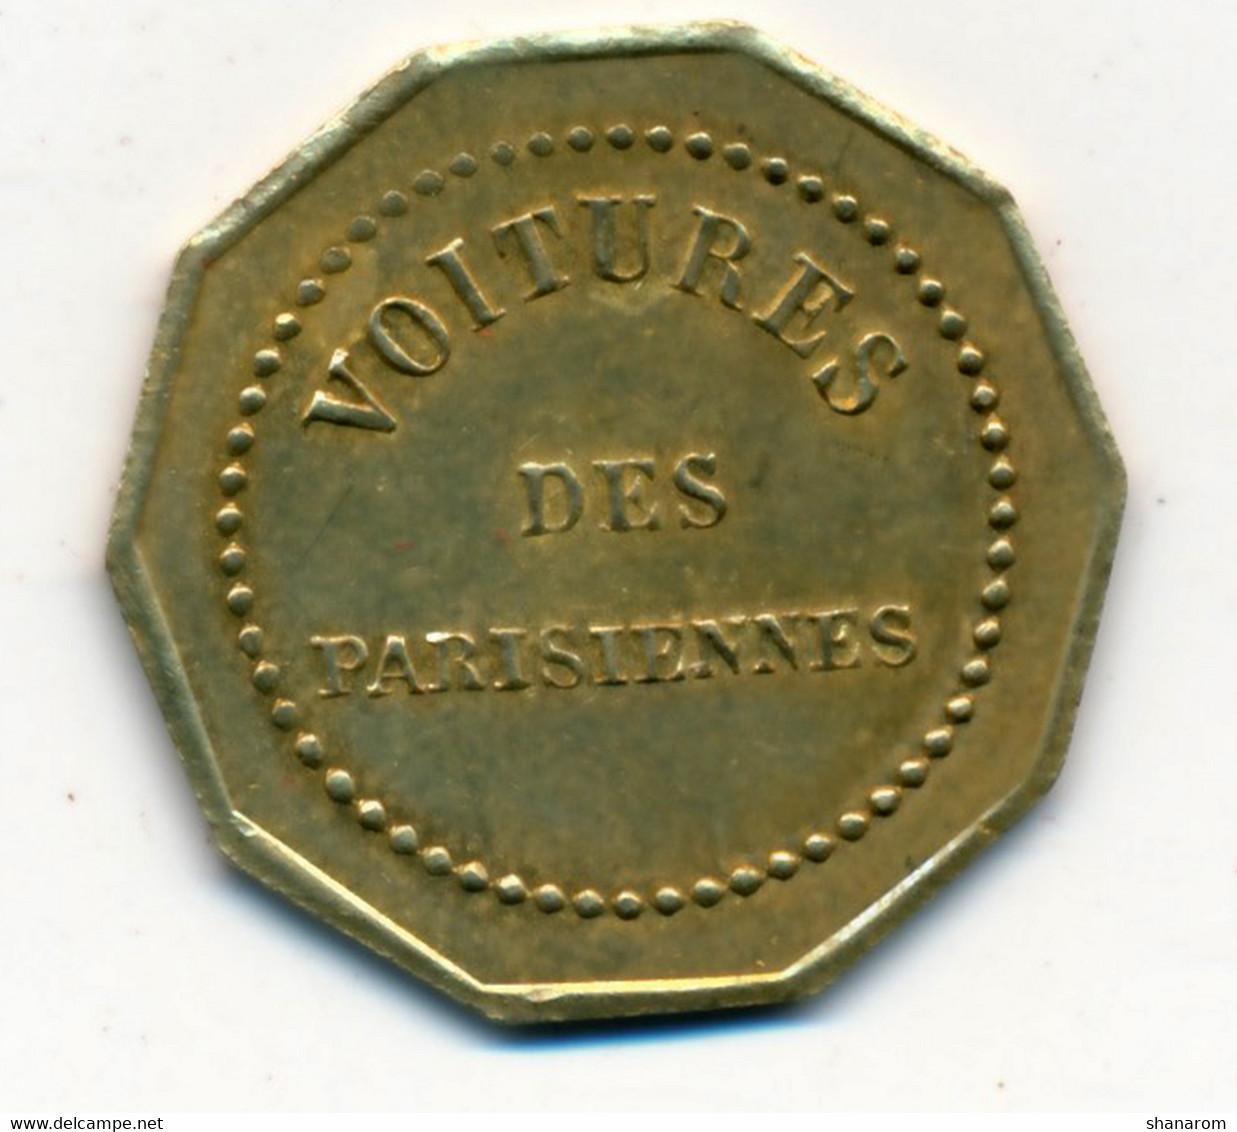 RARE // JETON De TRANSPORT // Compagnie De VOITURES OMNIBUS // VOITURES DES PARISIENNES - Unclassified